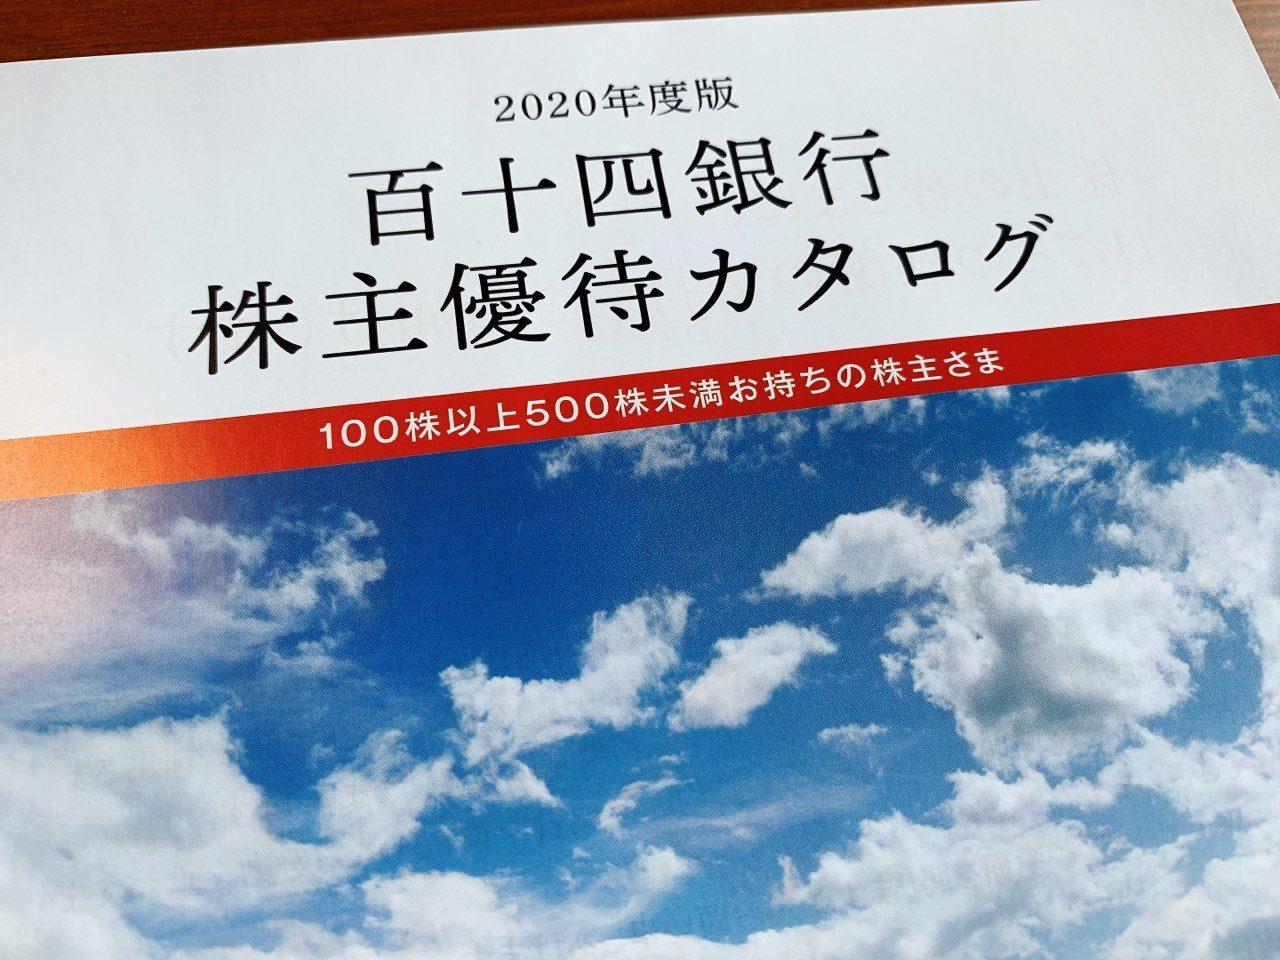 百五銀行の株主優待カタログ